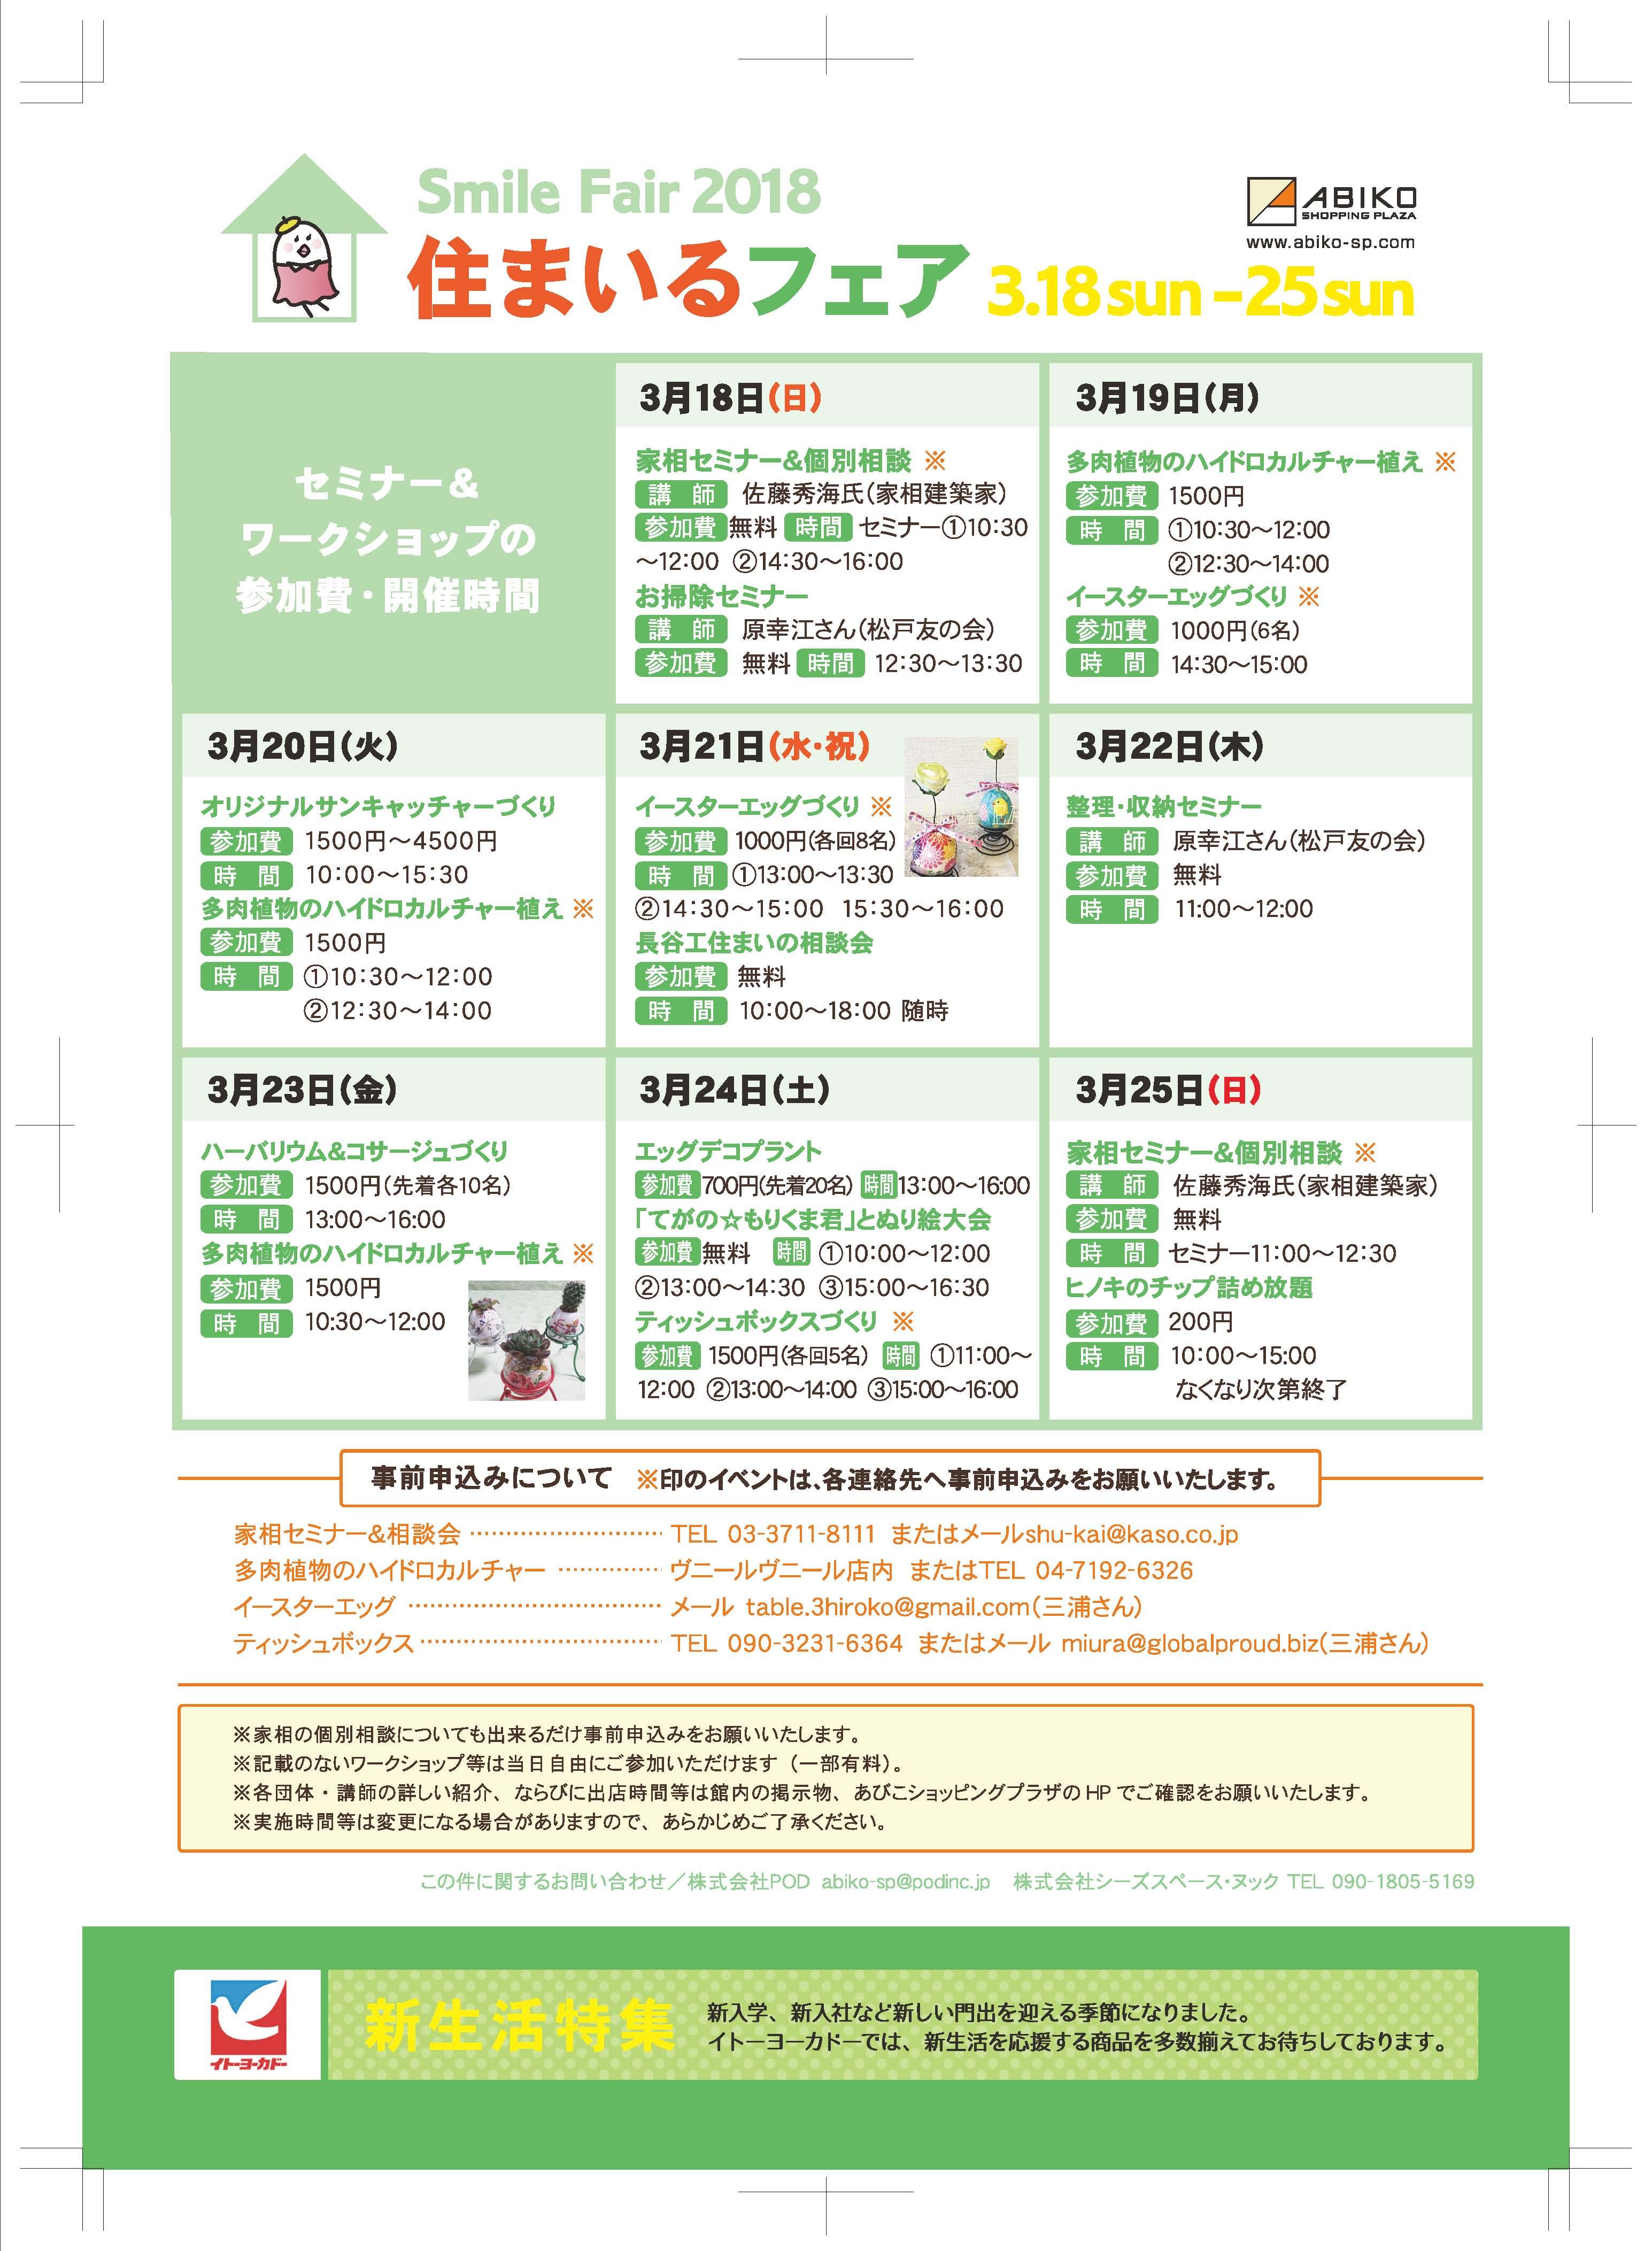 3/18,25 家相セミナー・個別相談会開催in千葉県我孫子市あびこショッピングプラザ